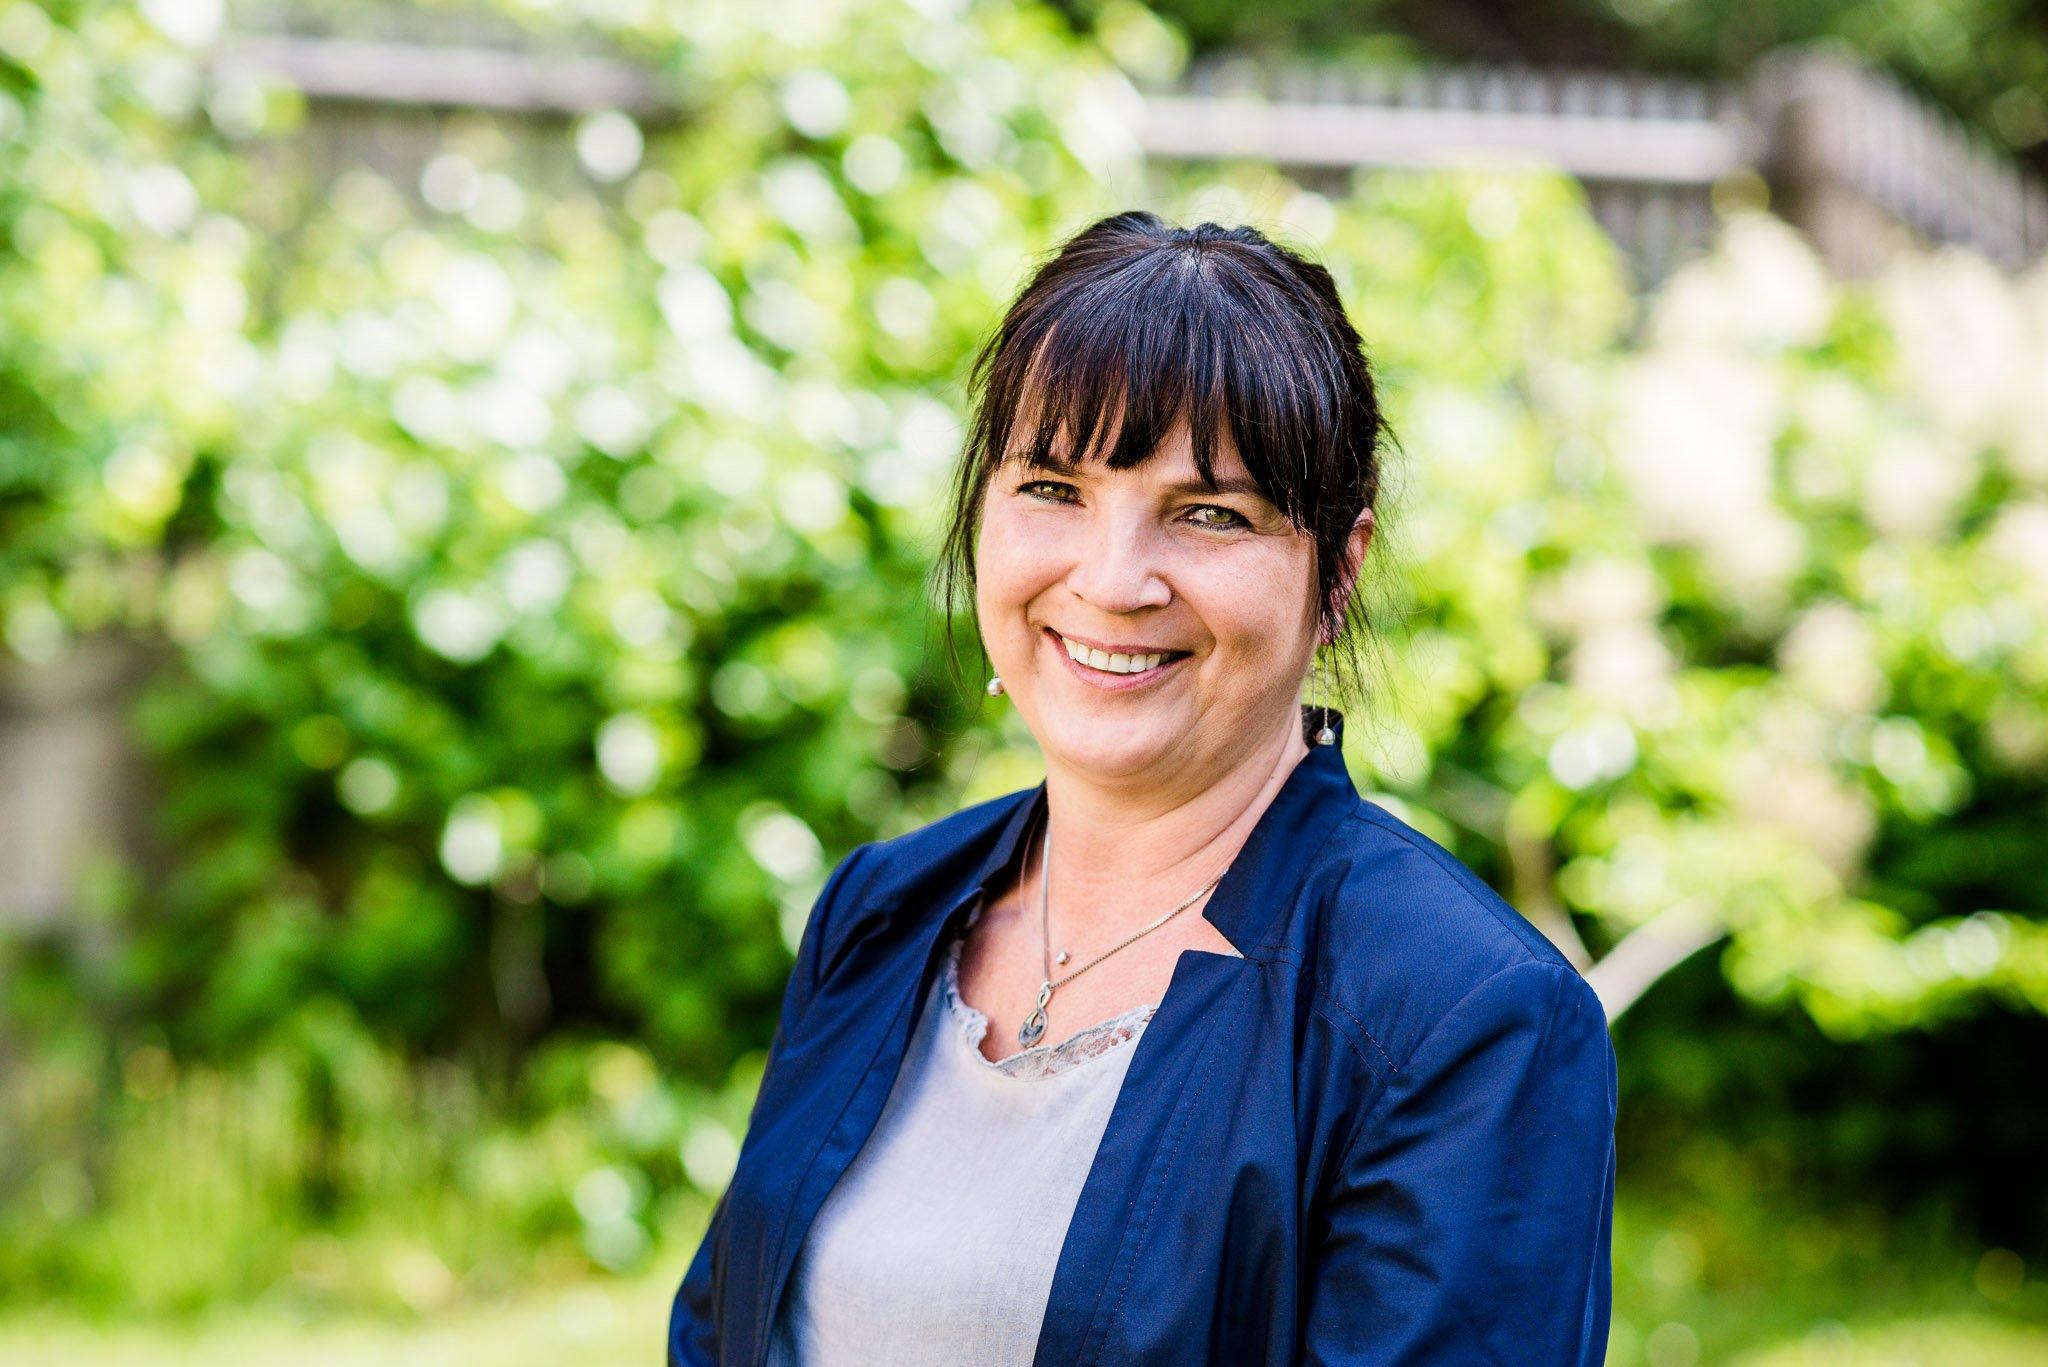 Sabine Michel, Dipl.-Ing. (FH)